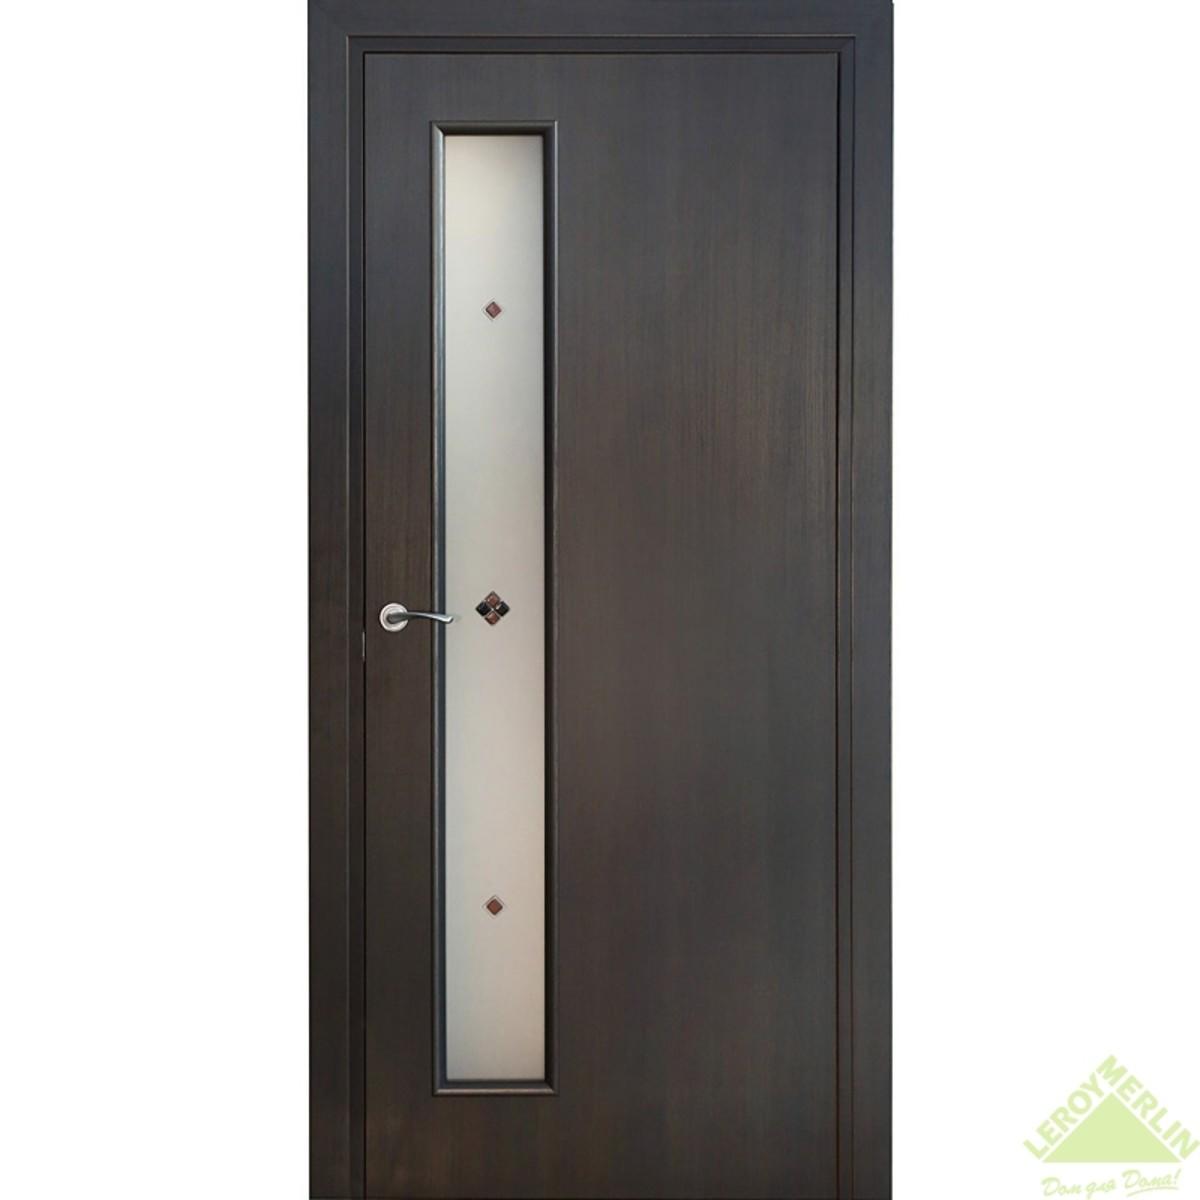 Дверь межкомнатная остеклённая Фортунато Модерн 70x200 см ламинация цвет венге